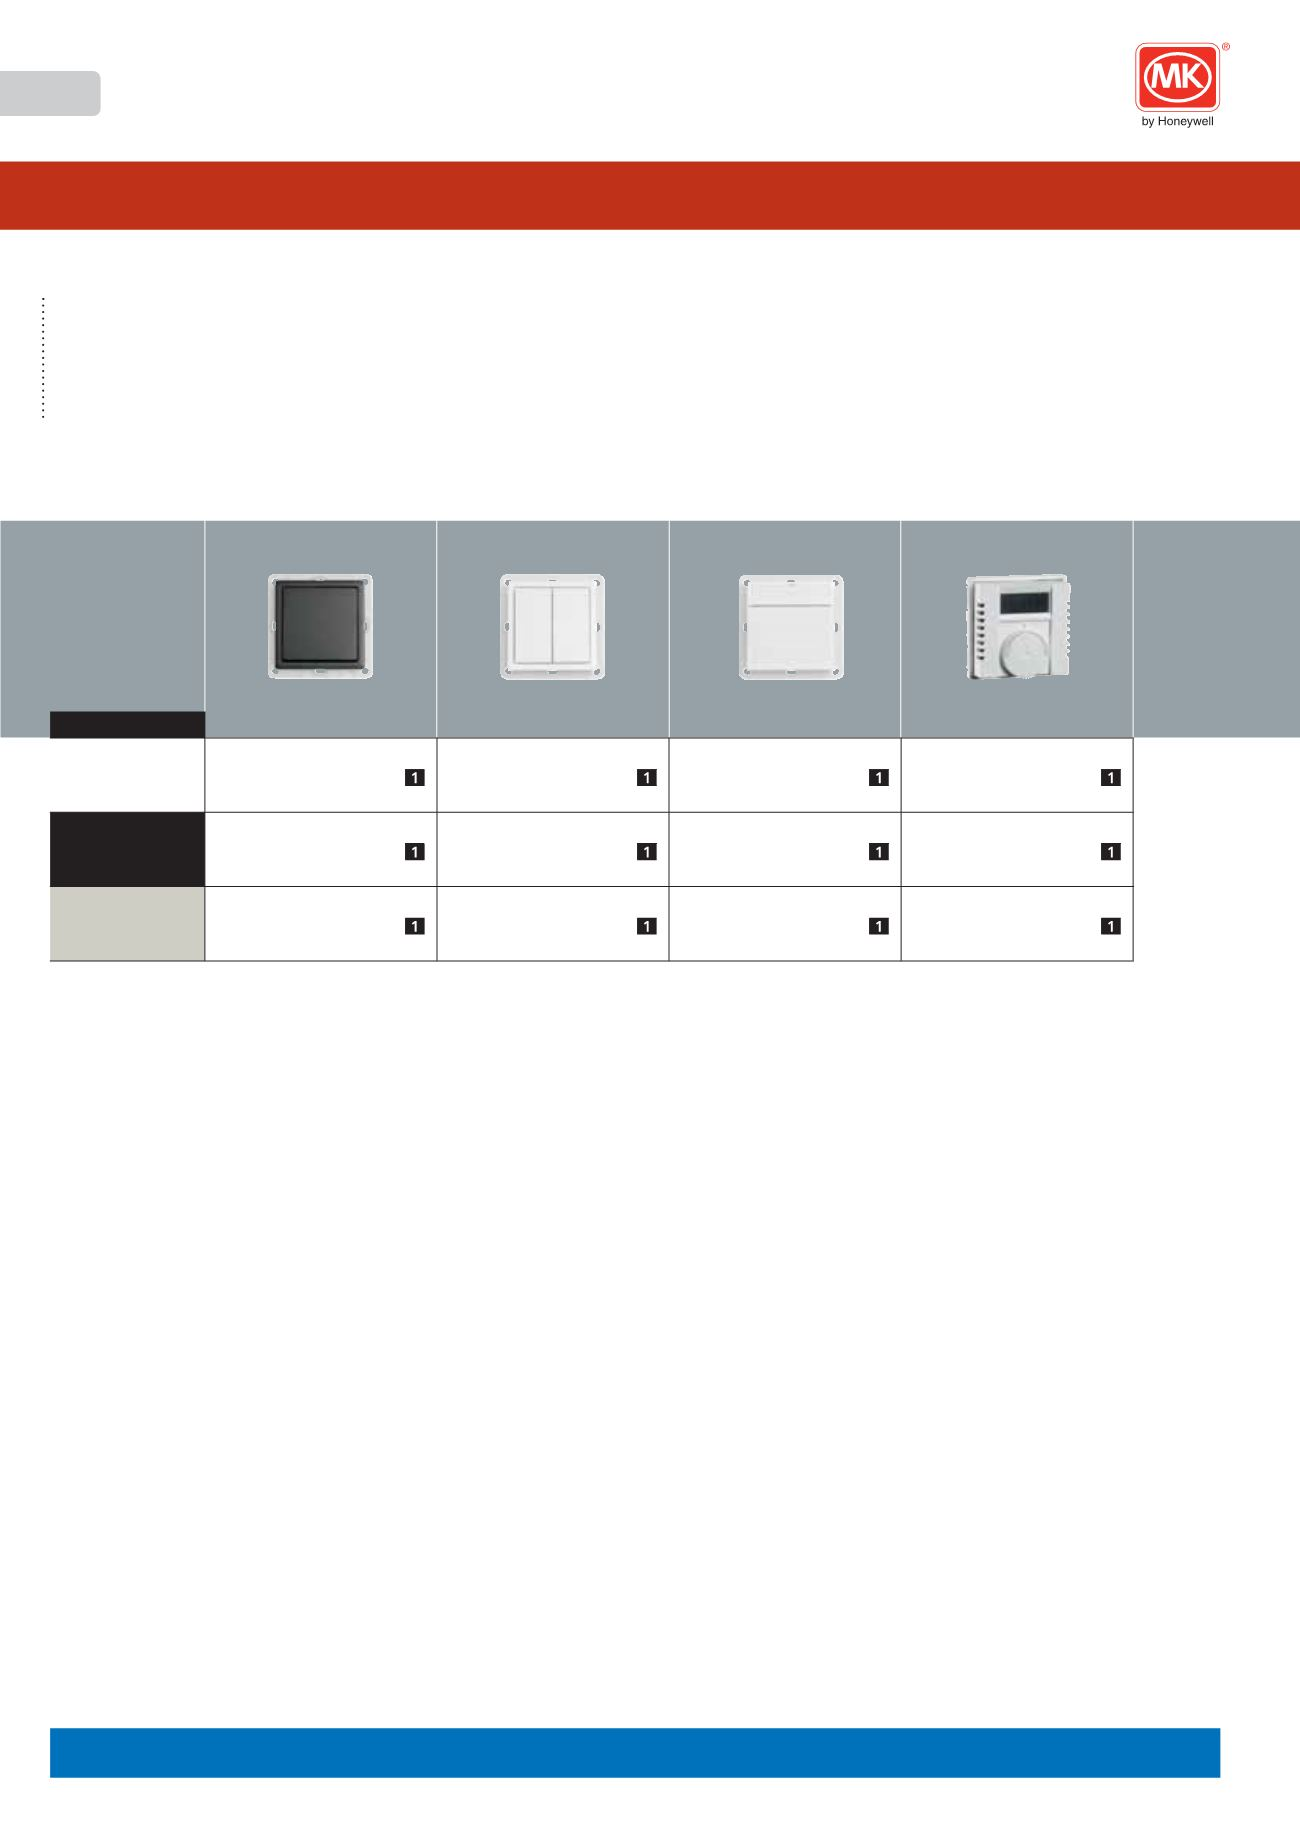 Fine Mk Wiring Devices Range Brochures Wiring Digital Resources Antuskbiperorg